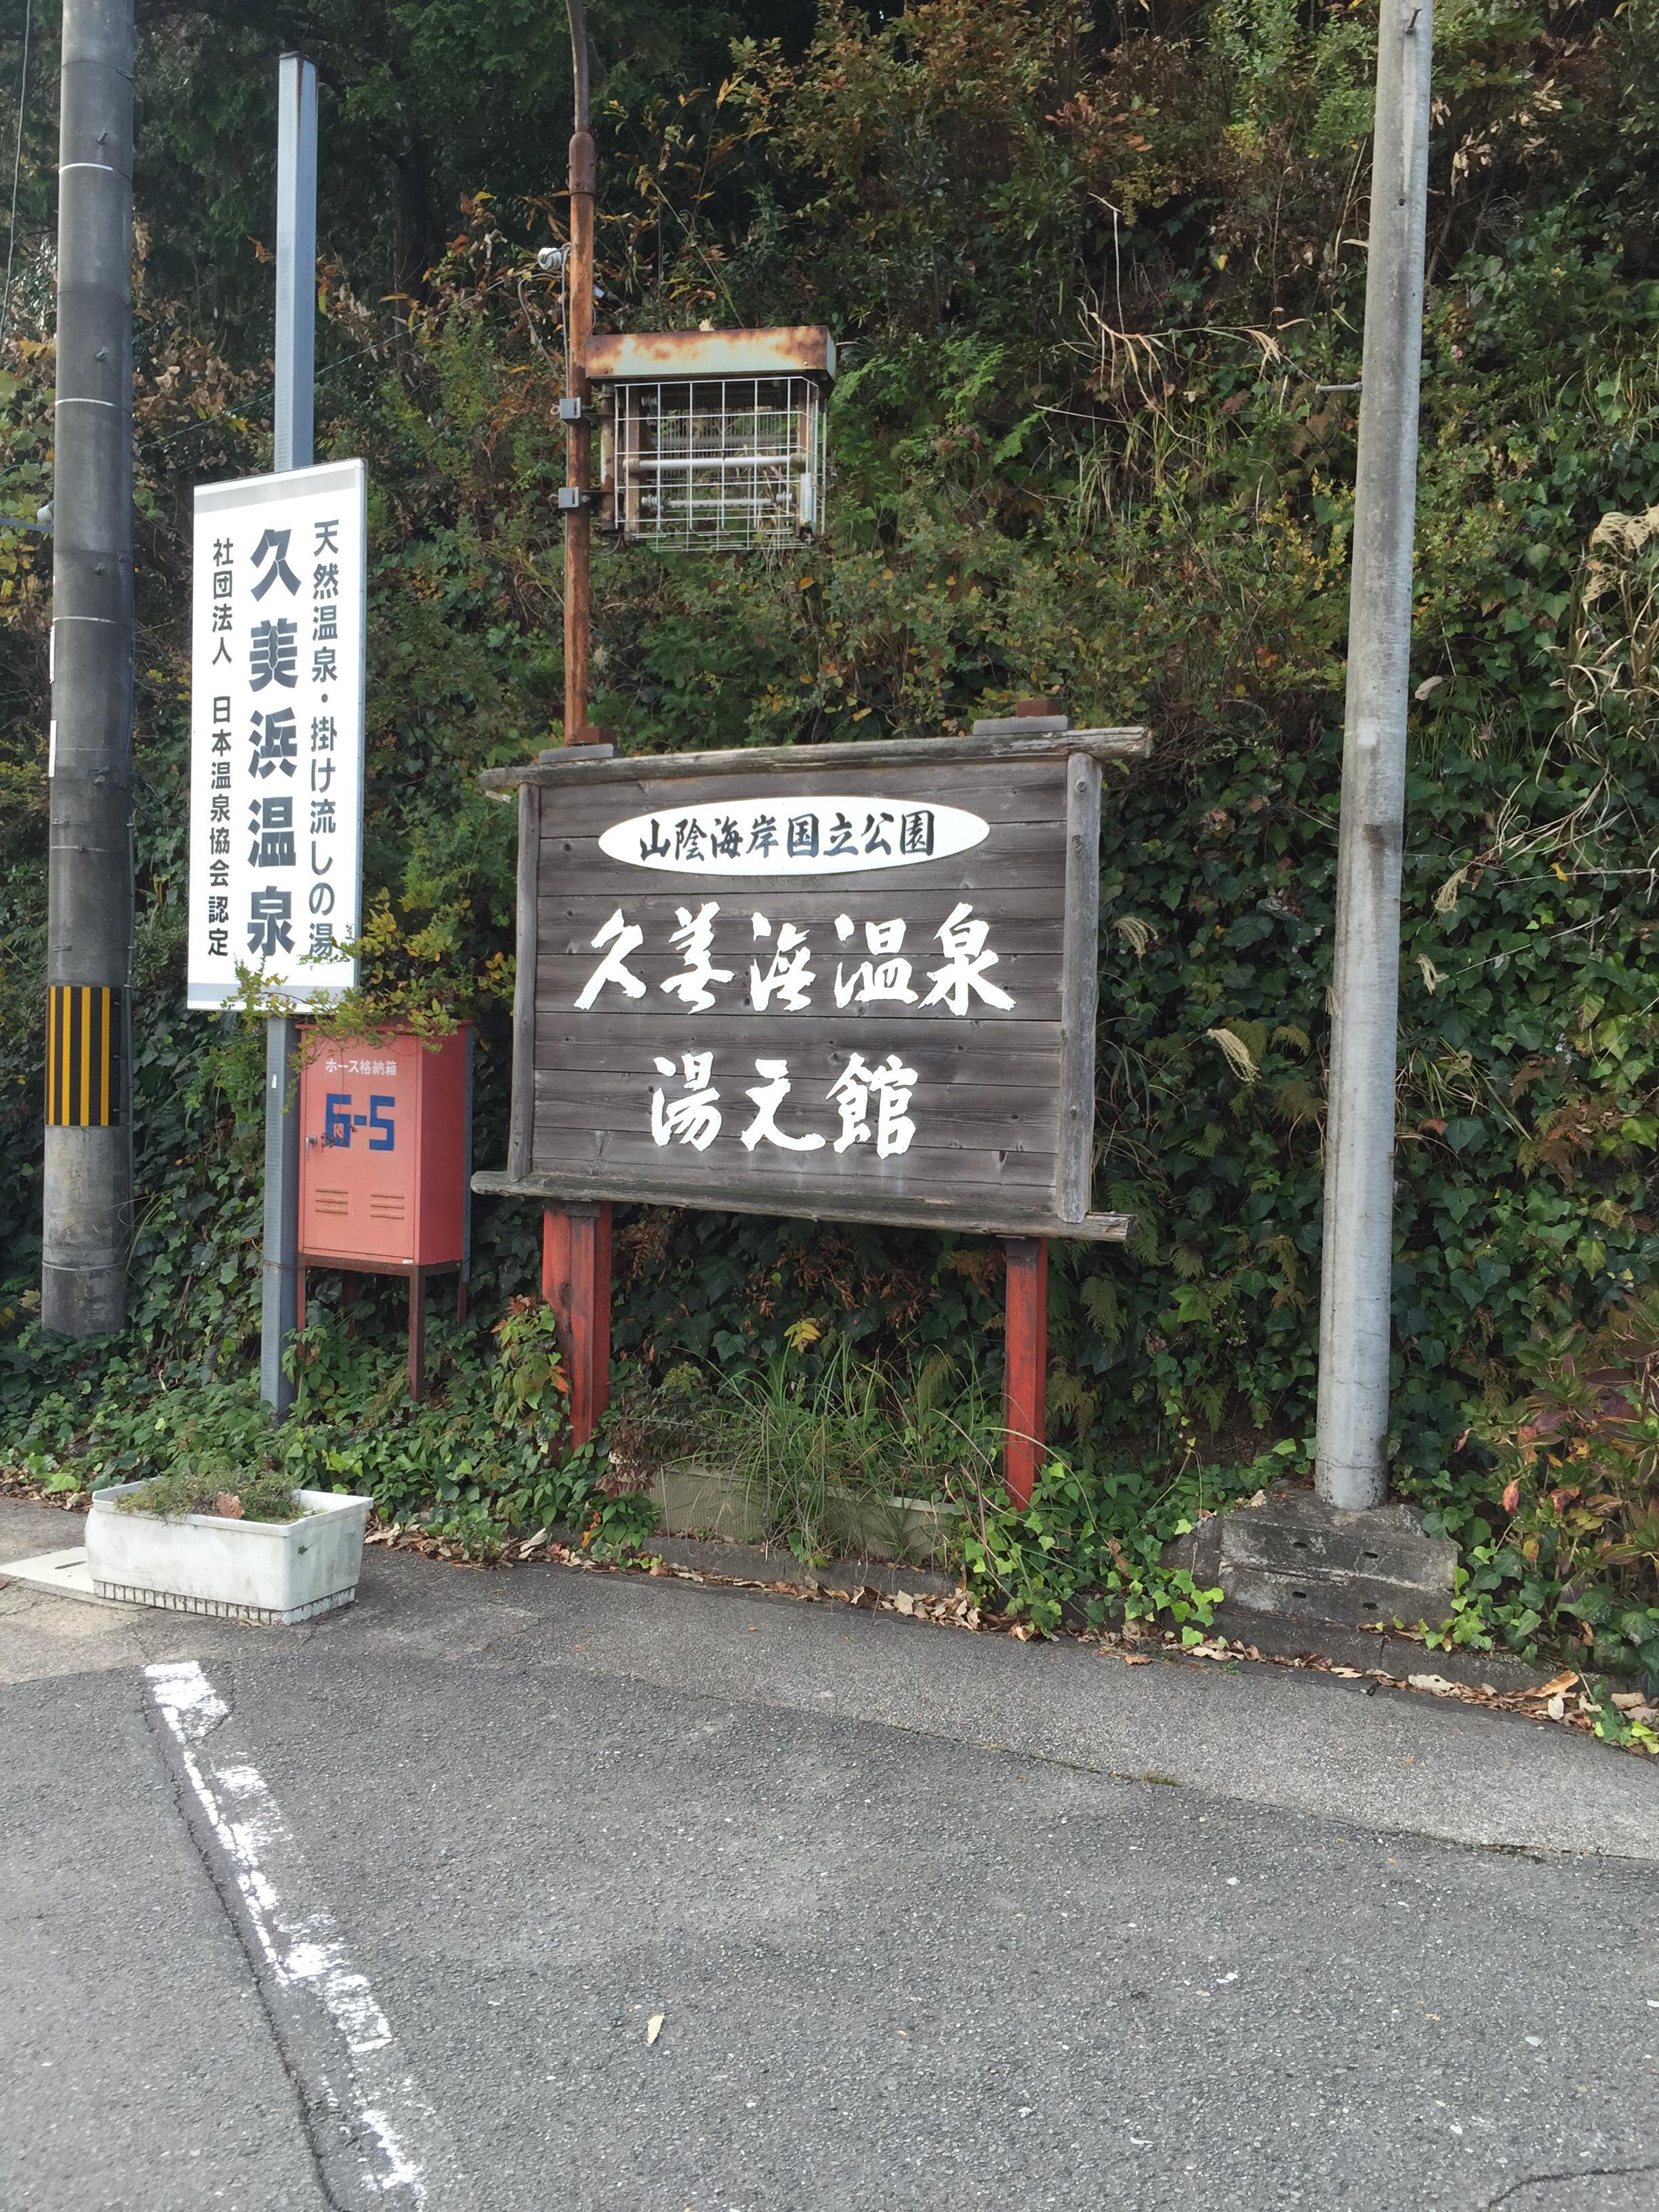 温泉 館 久美浜 湯元